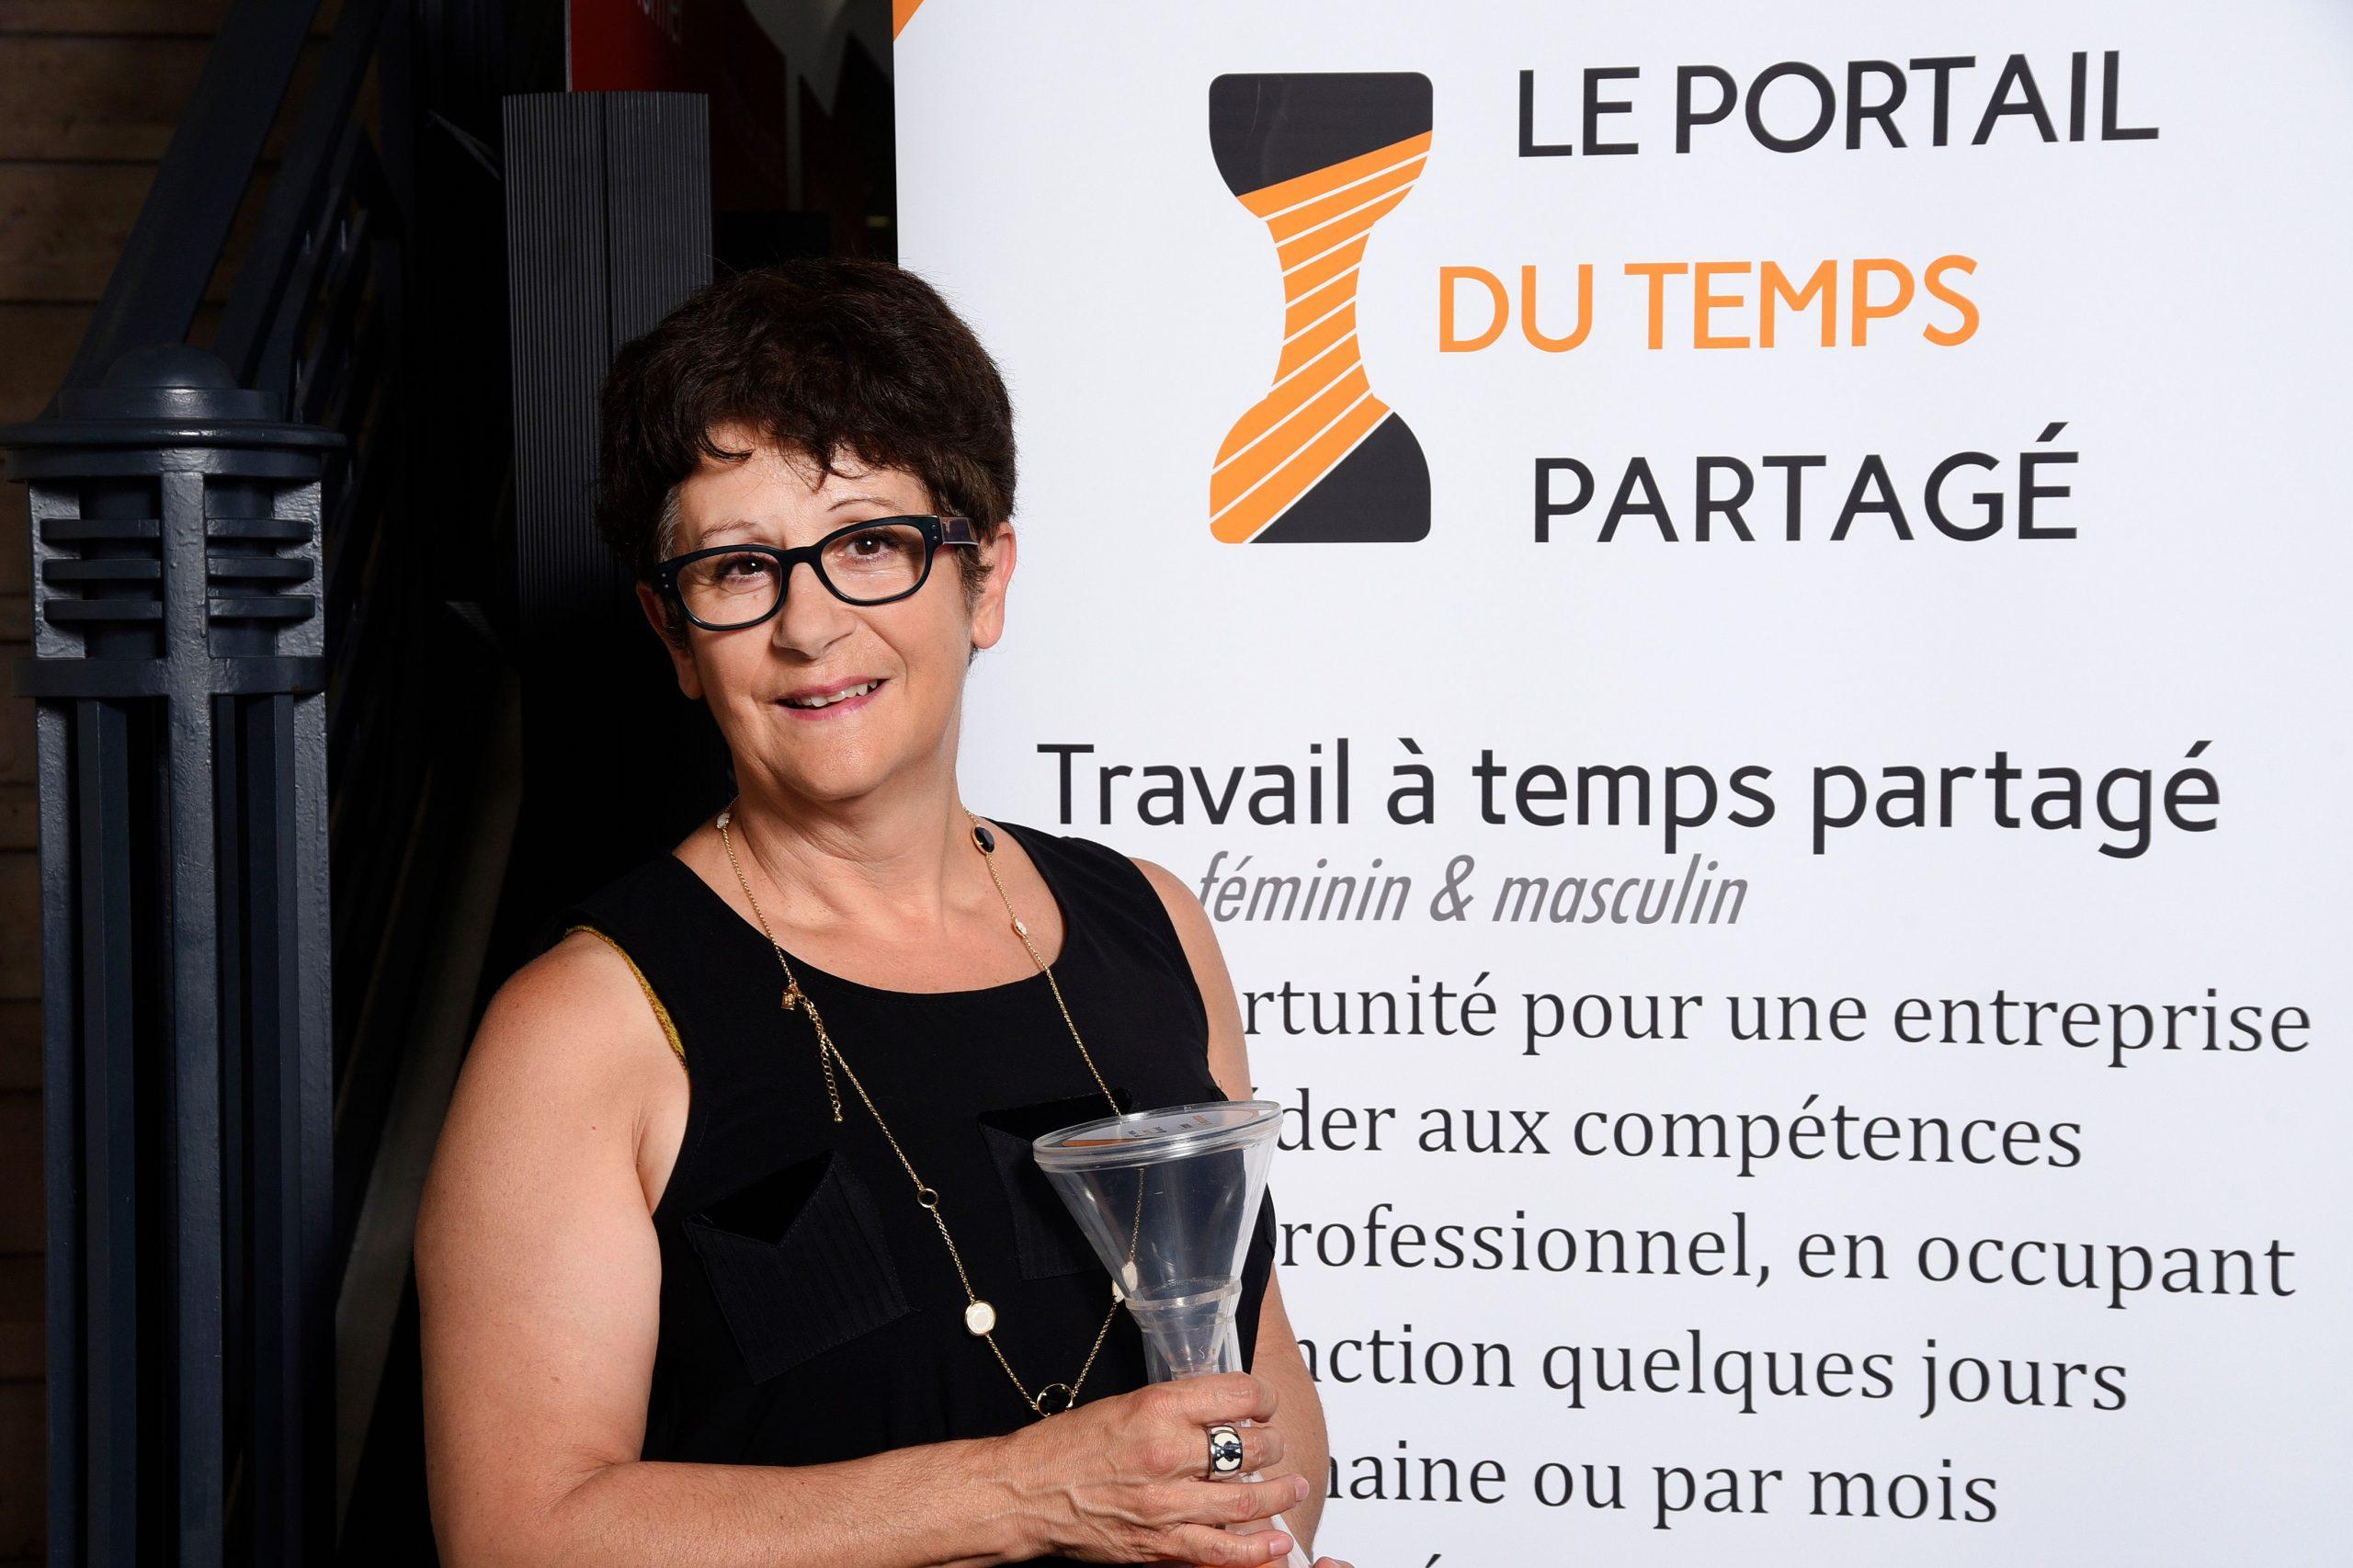 Event-Gemploi remporte le trophee du temps partage dans la categorie Groupements d'employeurs 5